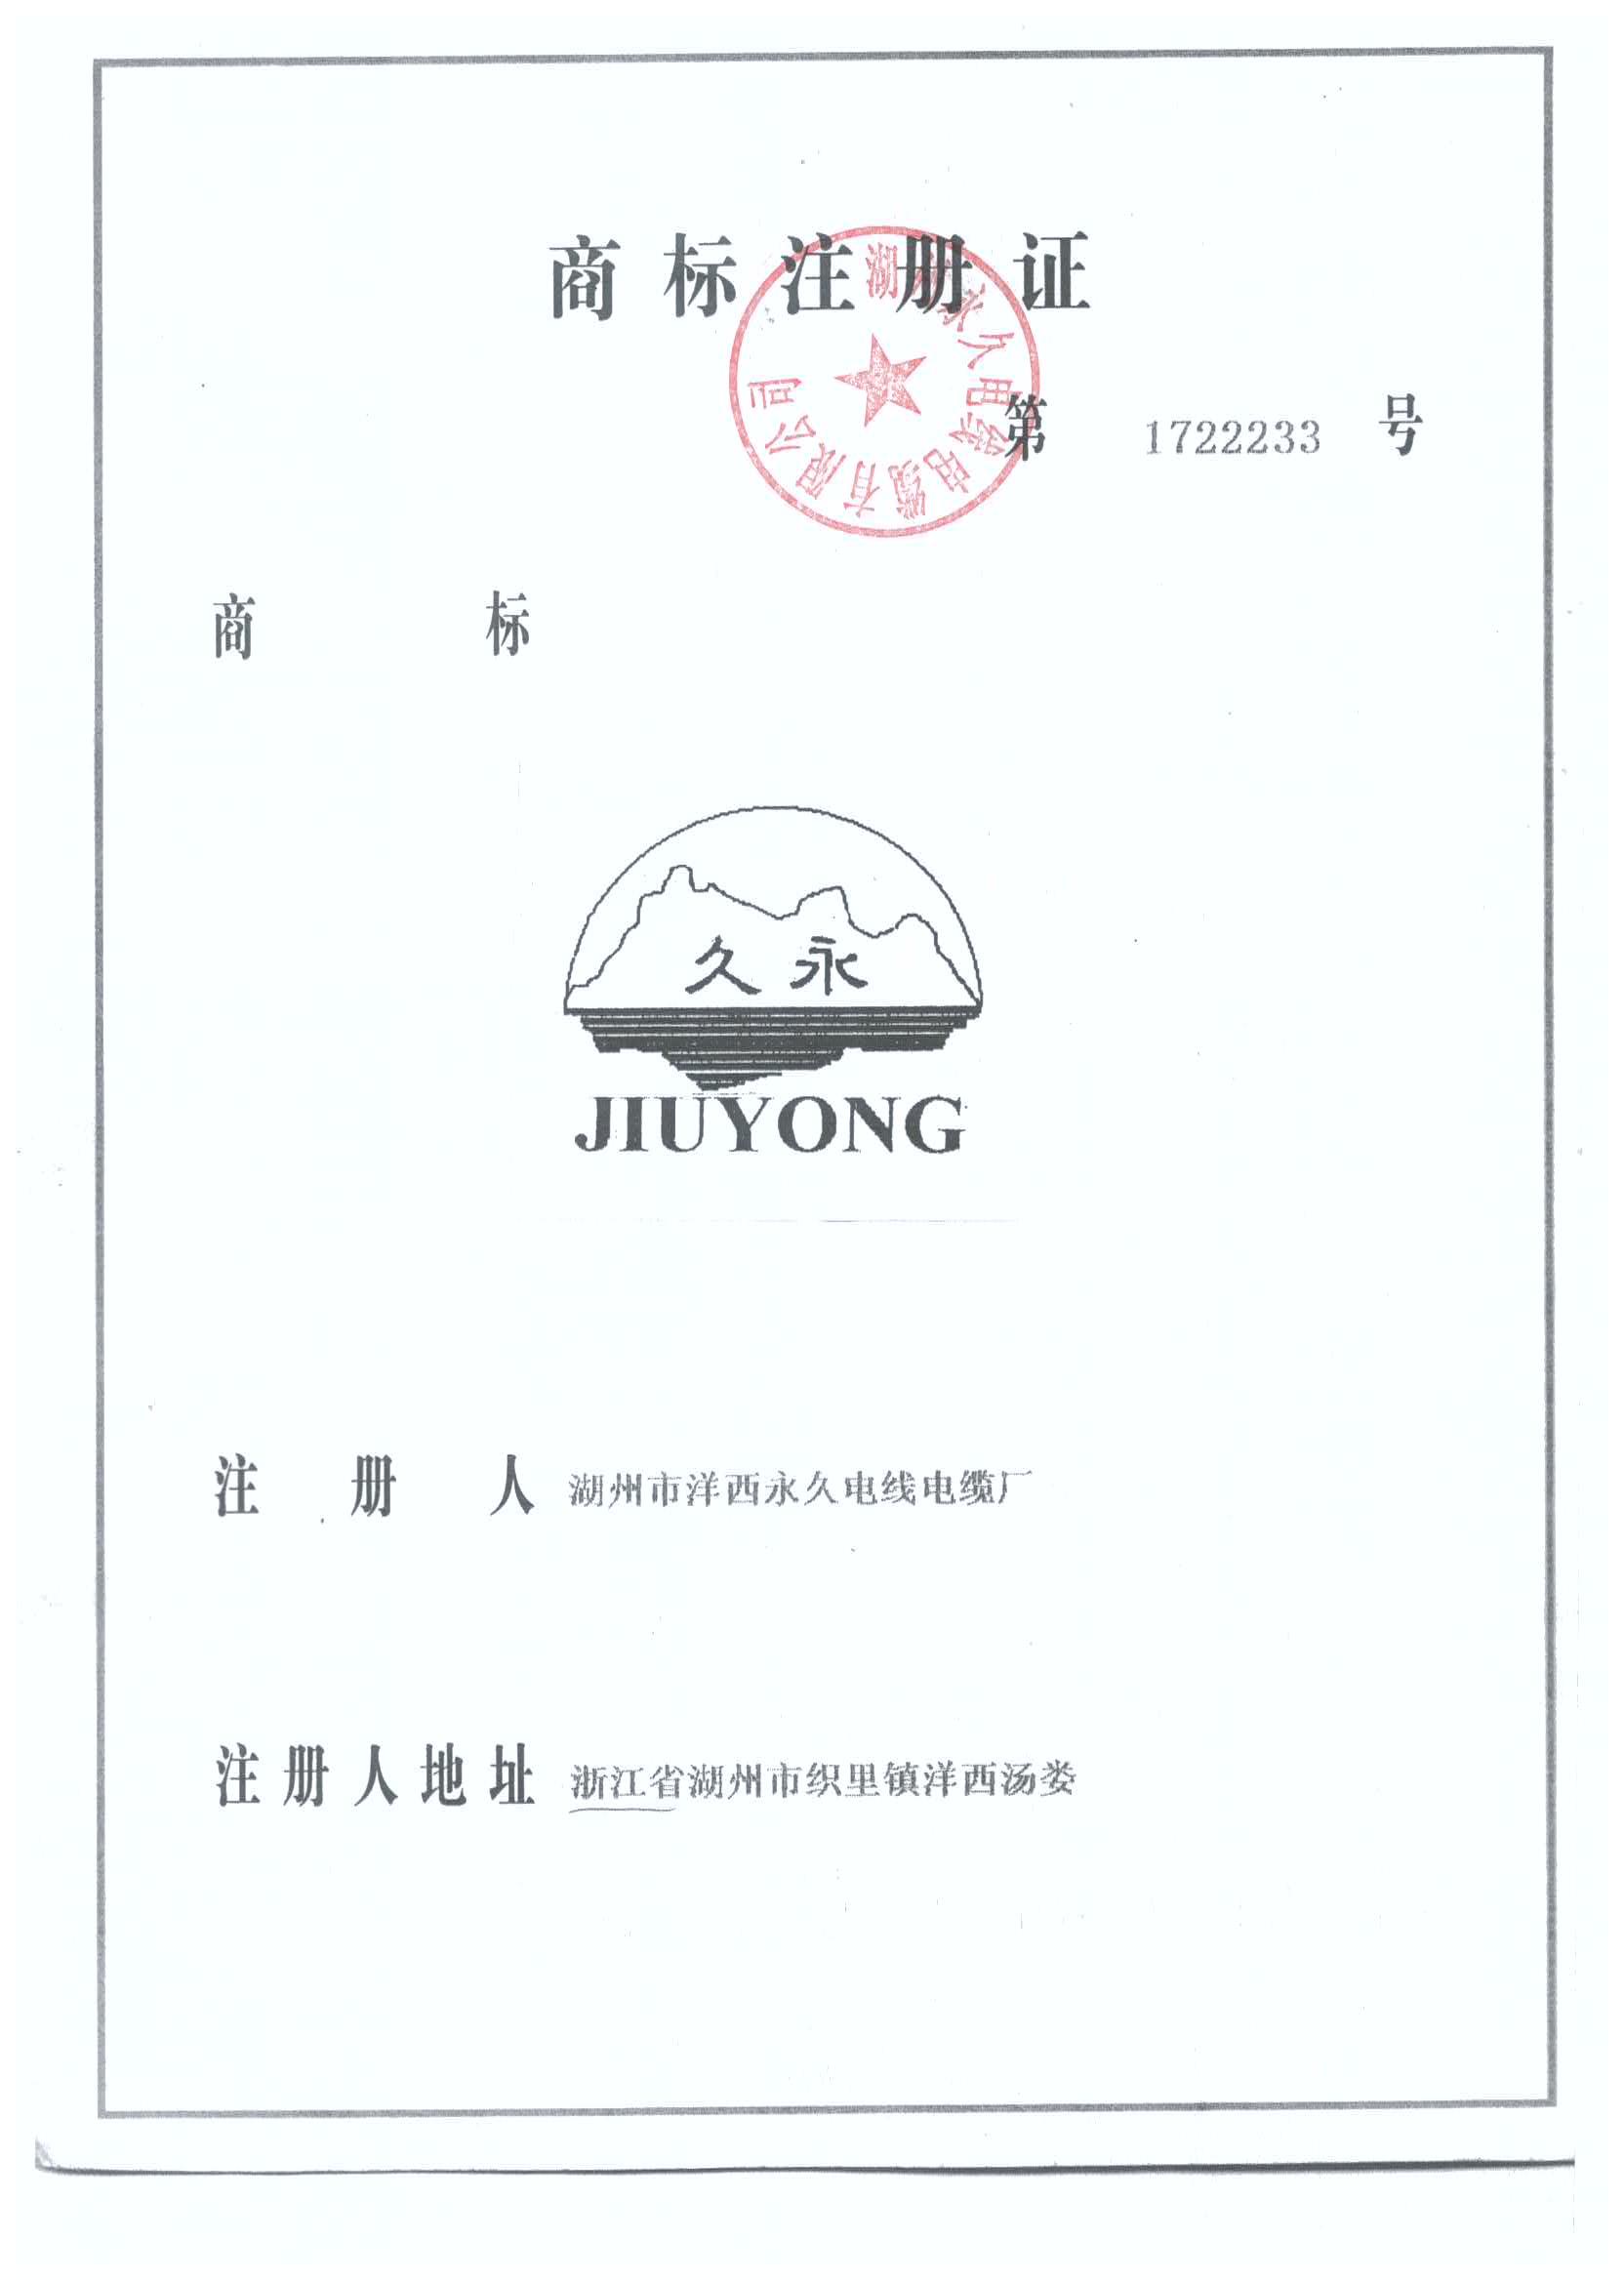 久永(JIUYONG)